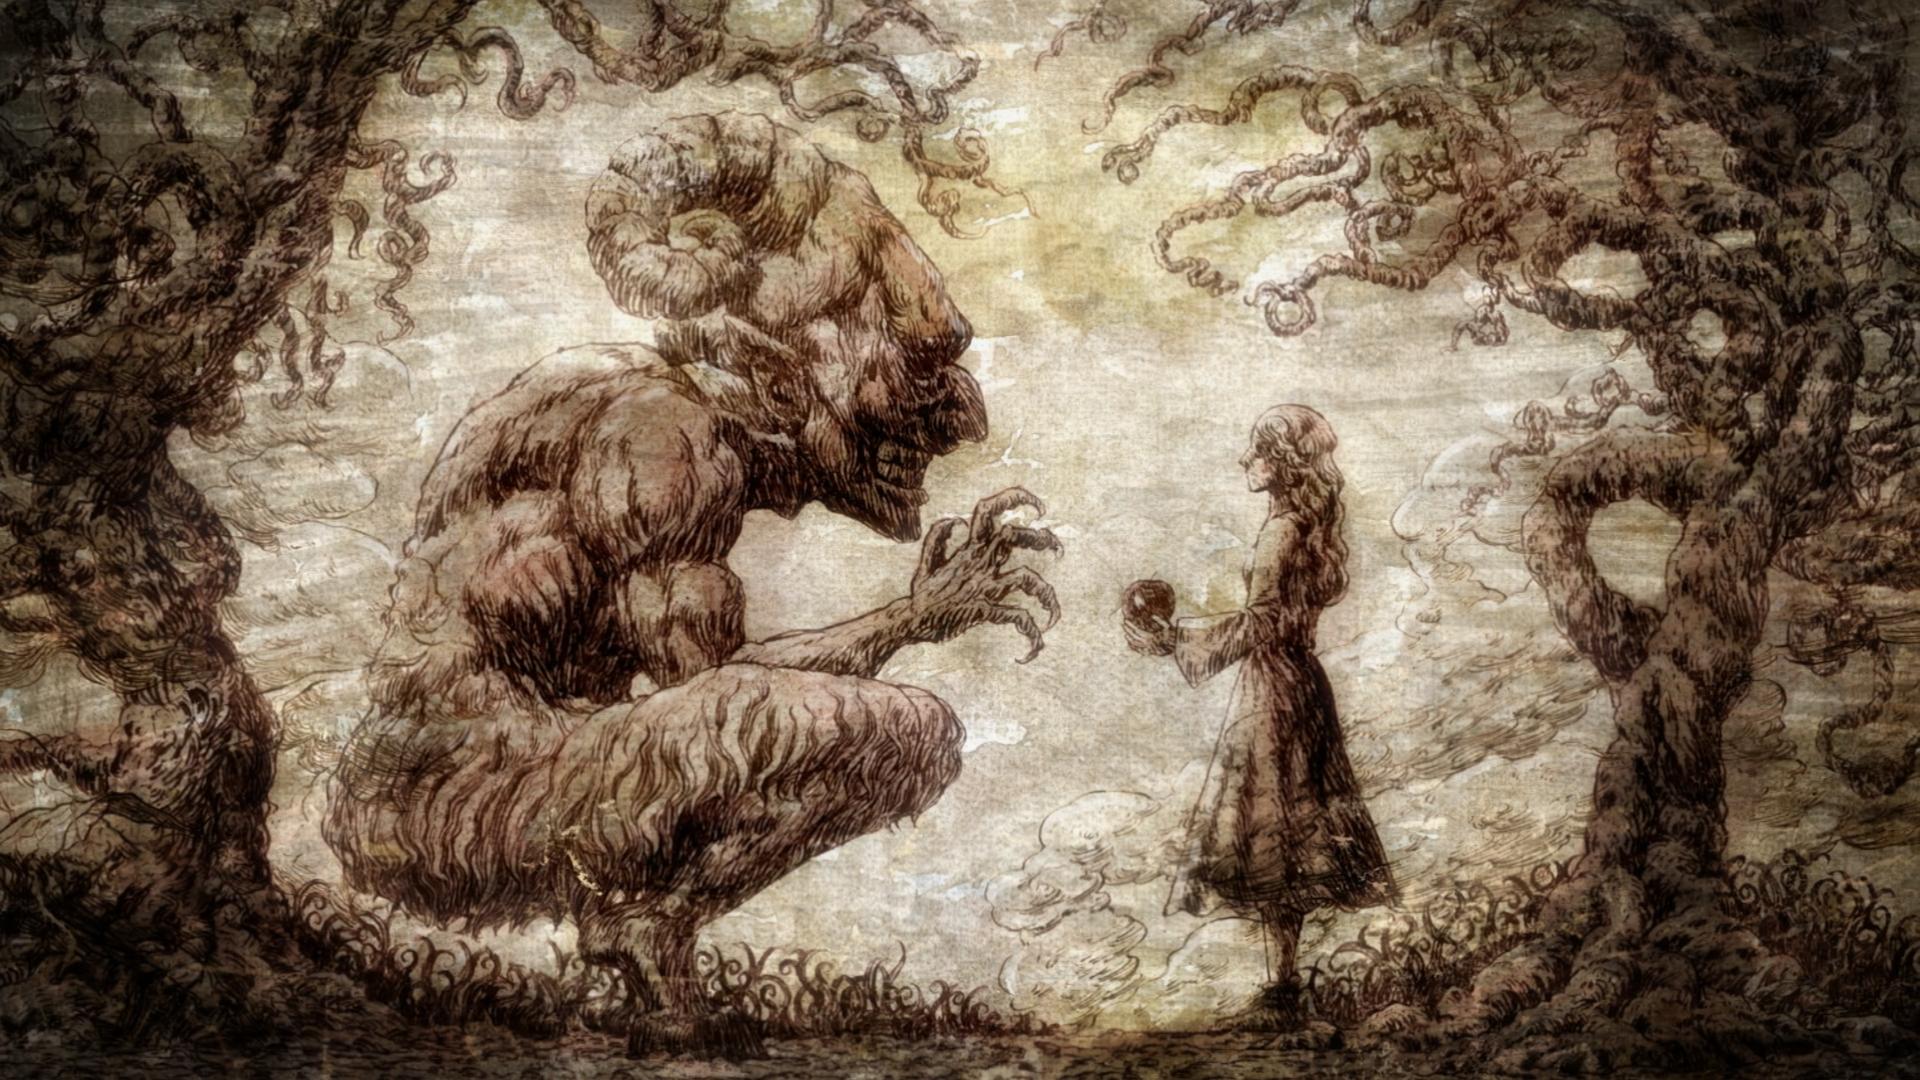 忘记剧情?思维导图加文字,帮你梳理《进击的巨人》前三季剧情